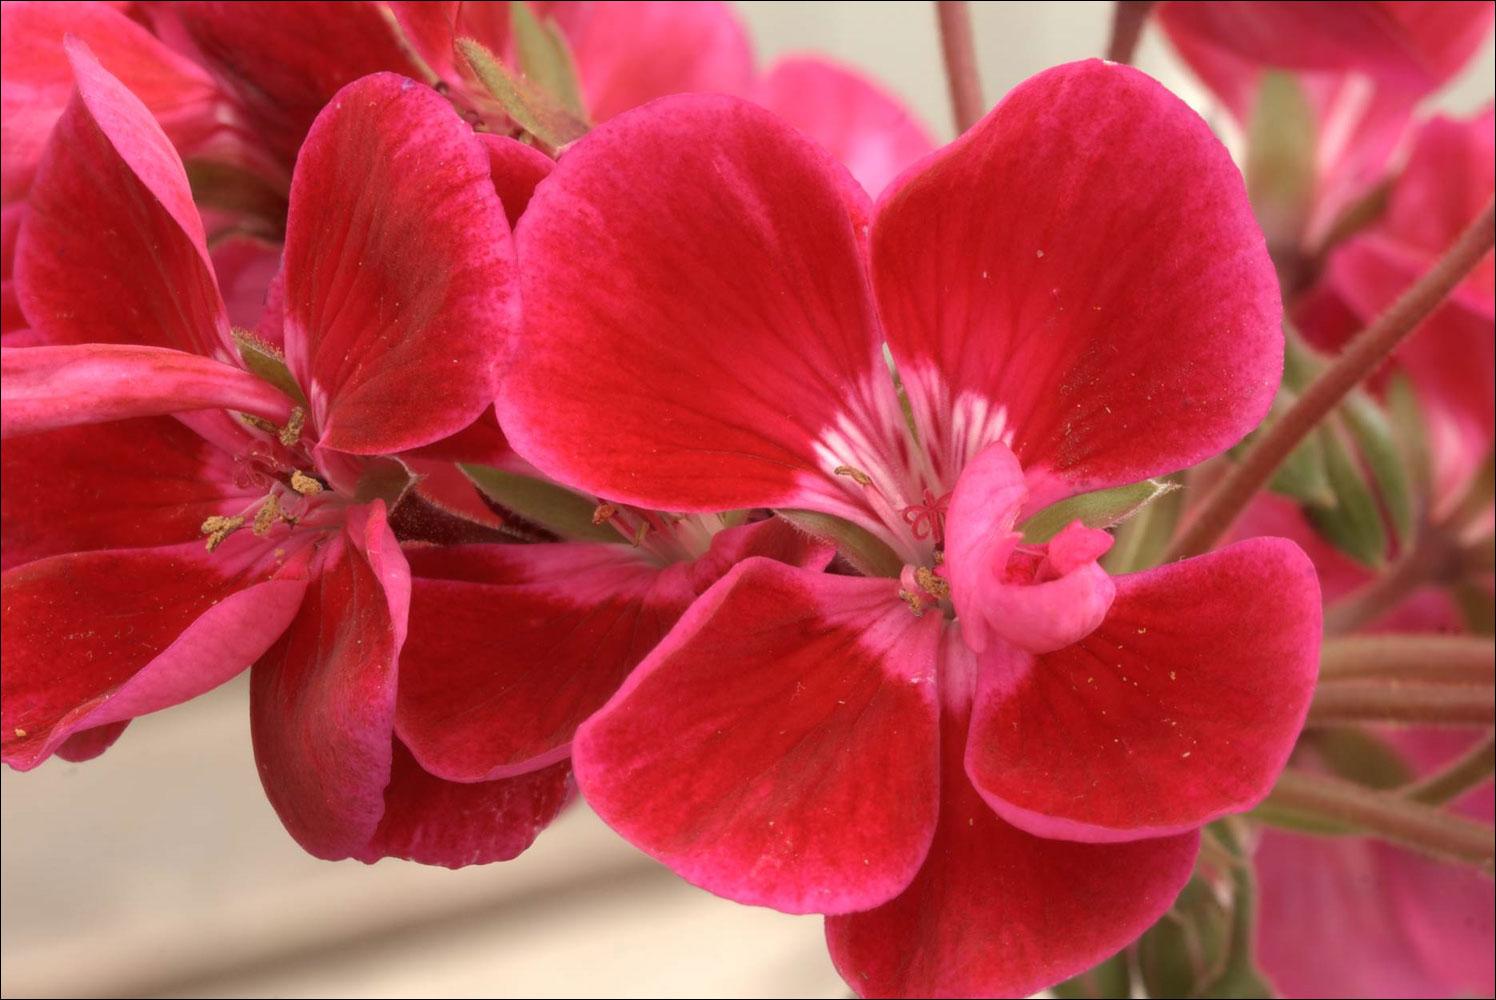 mötesplatsen blommor långedrag öppettider Åkersberga